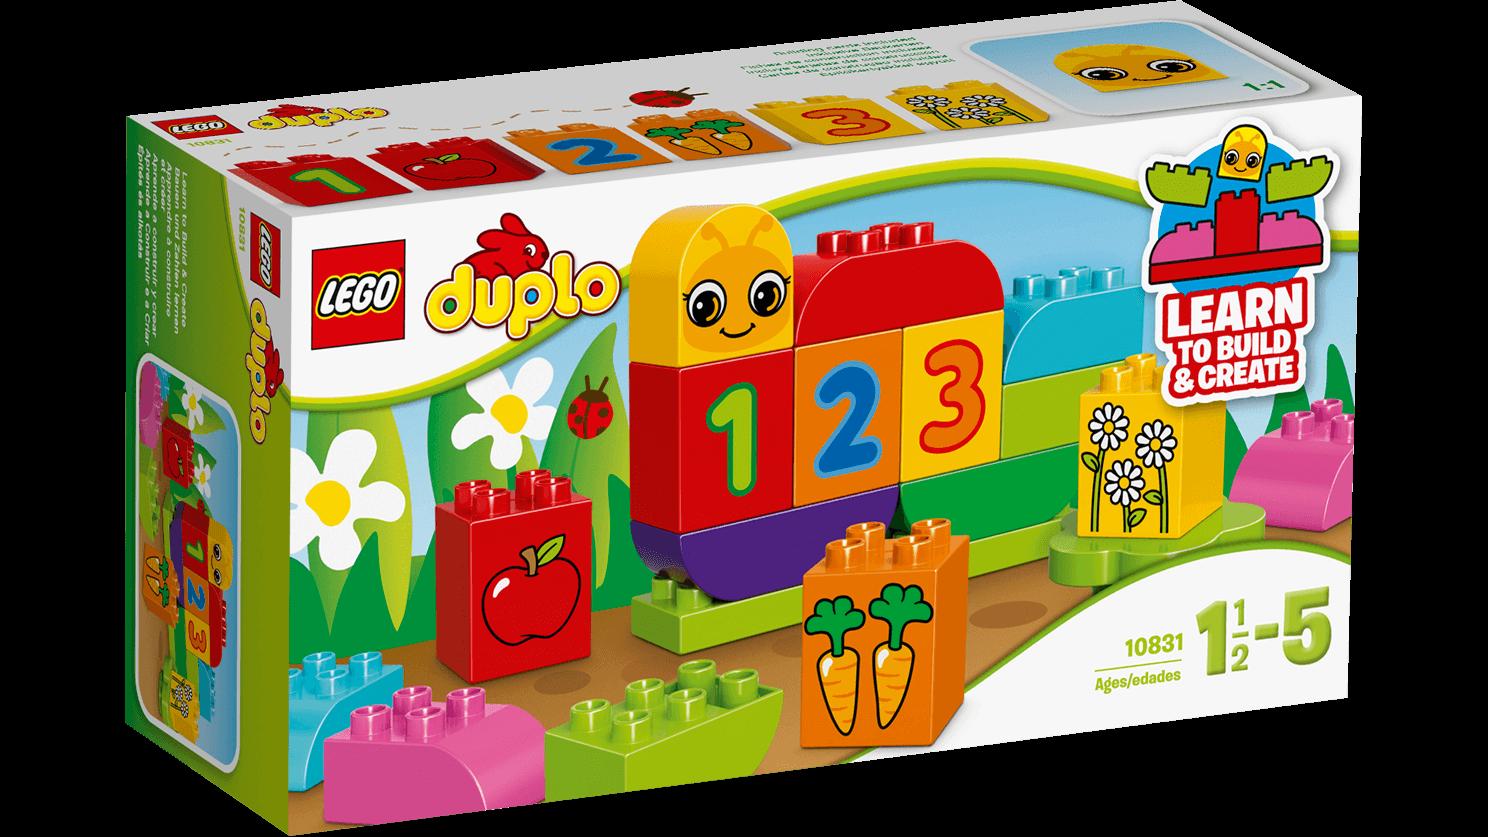 Lego duplo – Lego duplo - min første kålorm, 6 stk. på lager fra pixizoo